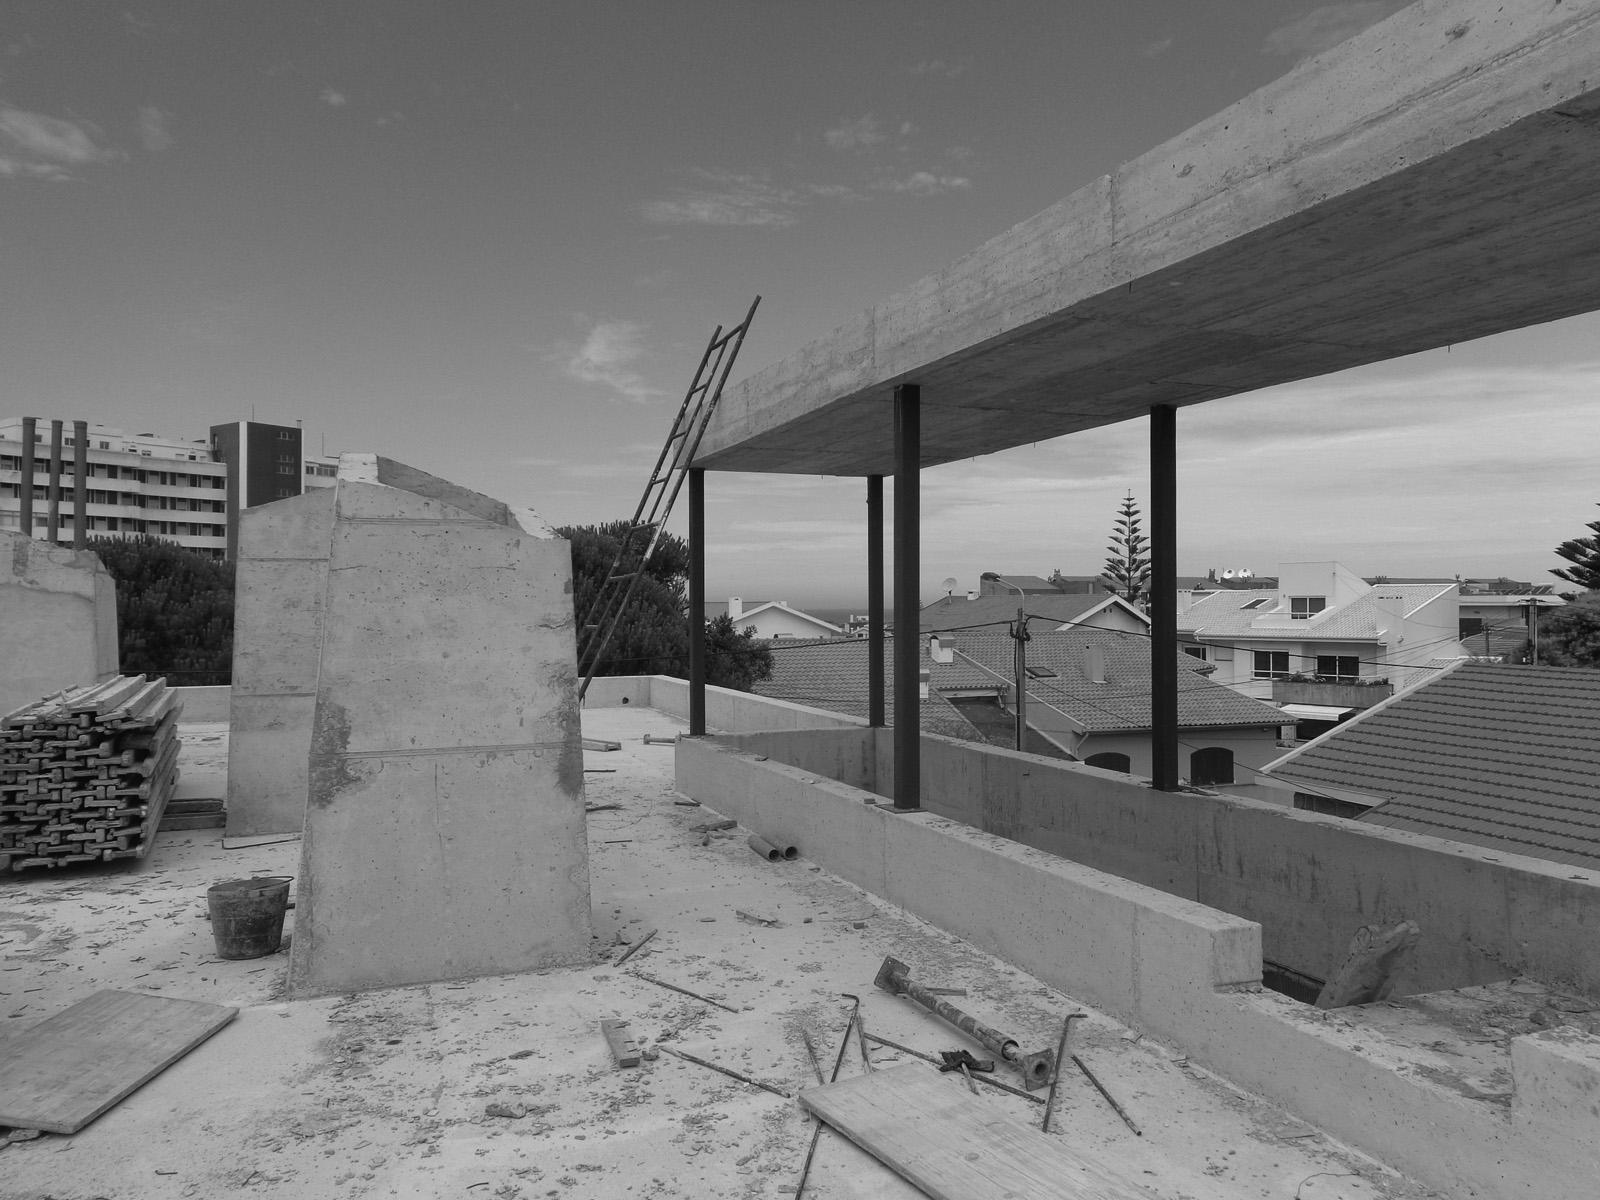 Moradia Alfazema - EVA evolutionary architecture - vila nova de gaia - arquitecto - porto (23).jpg